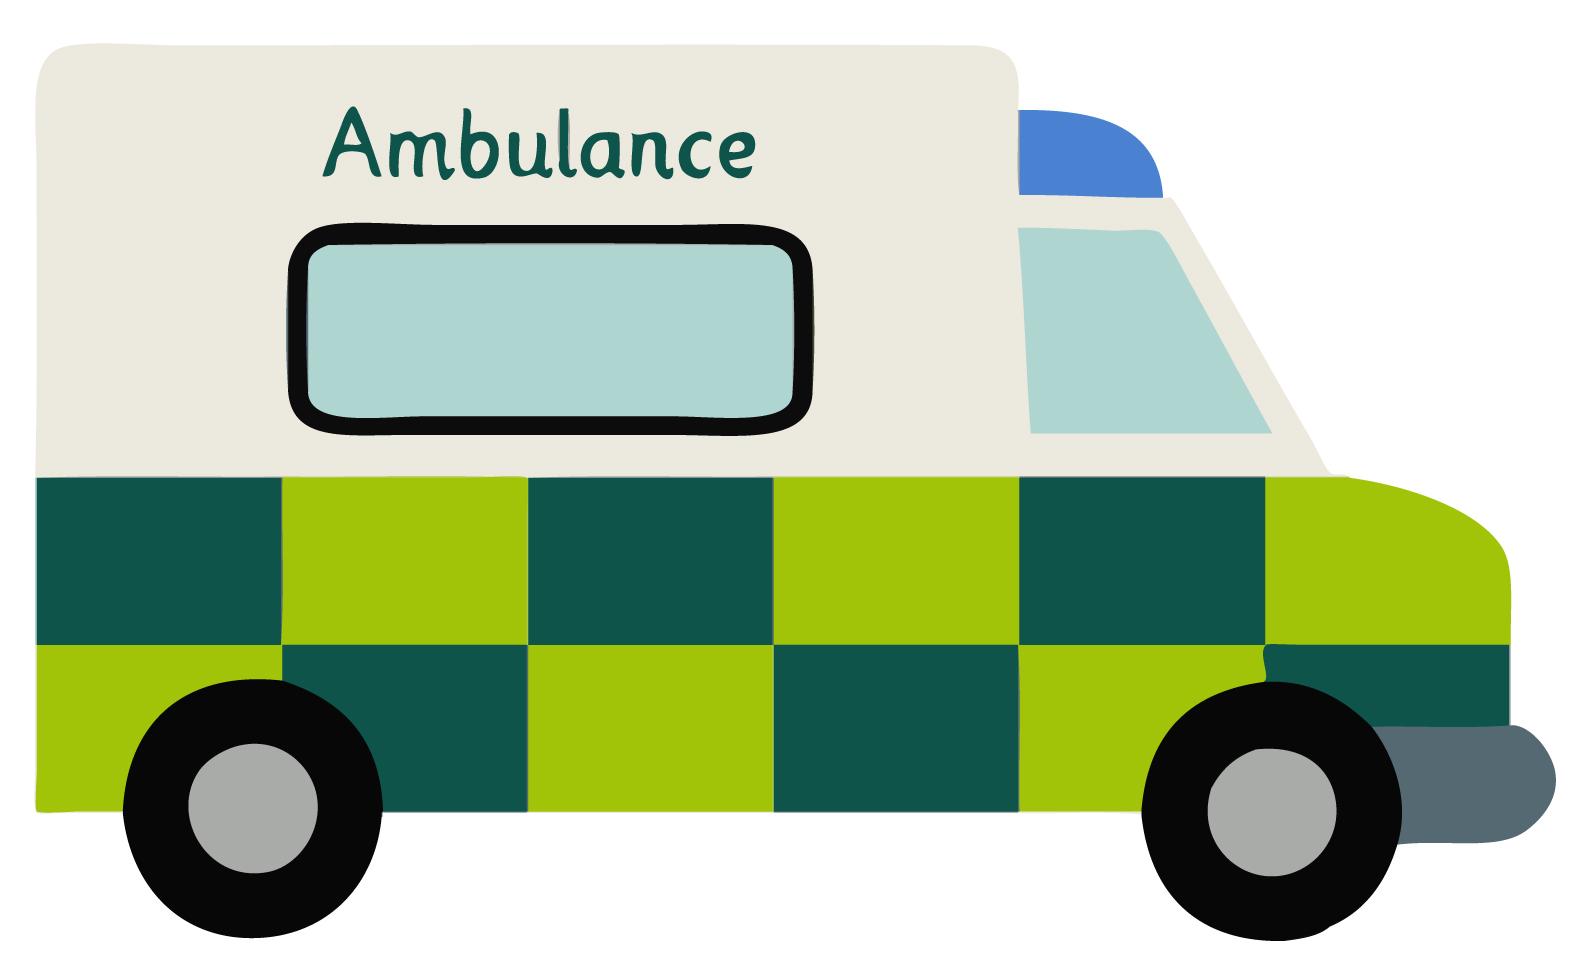 clip art ambulance pictures - photo #10